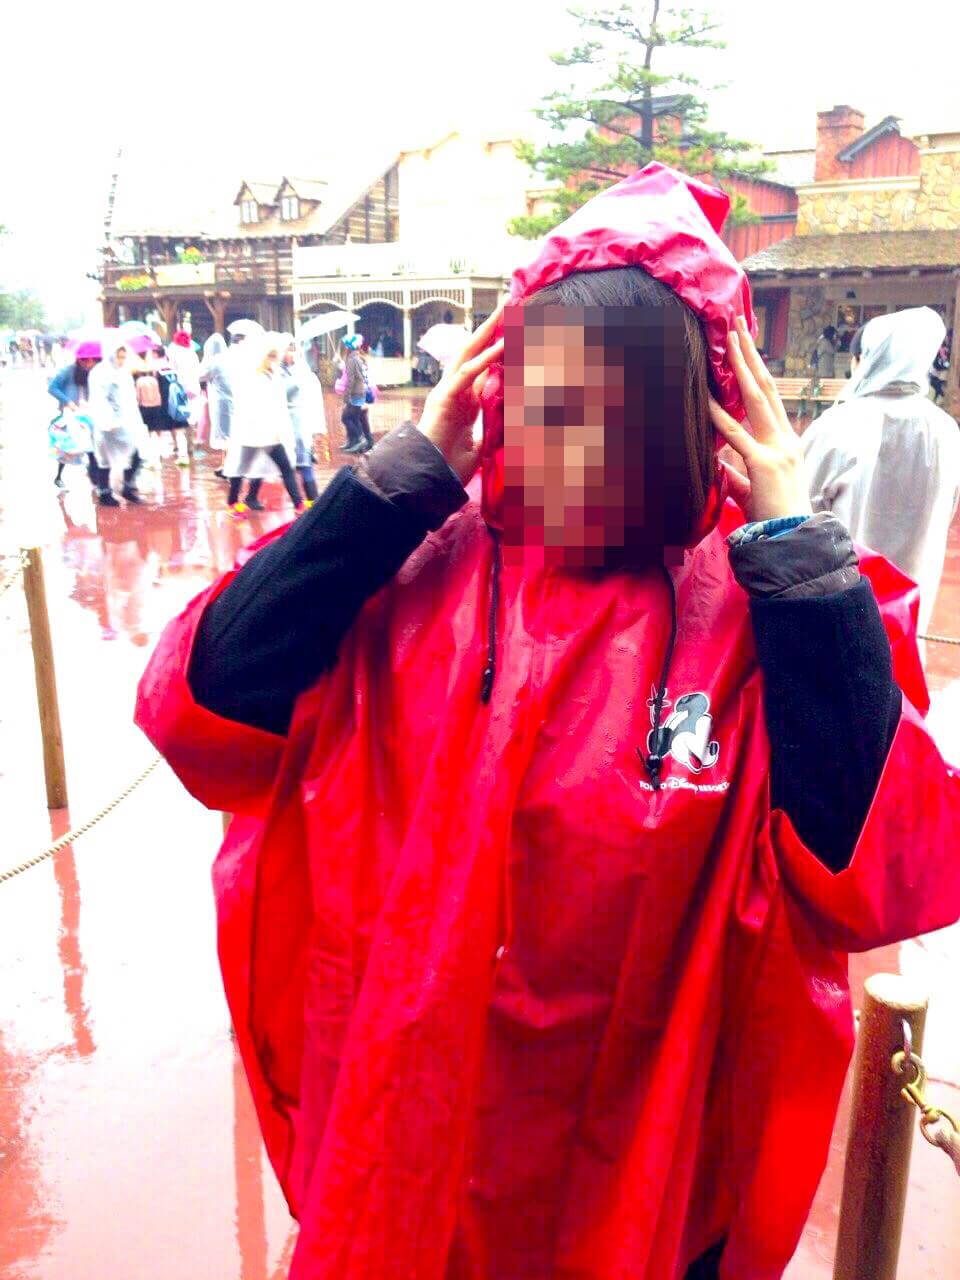 雨の日 ディズニーランド